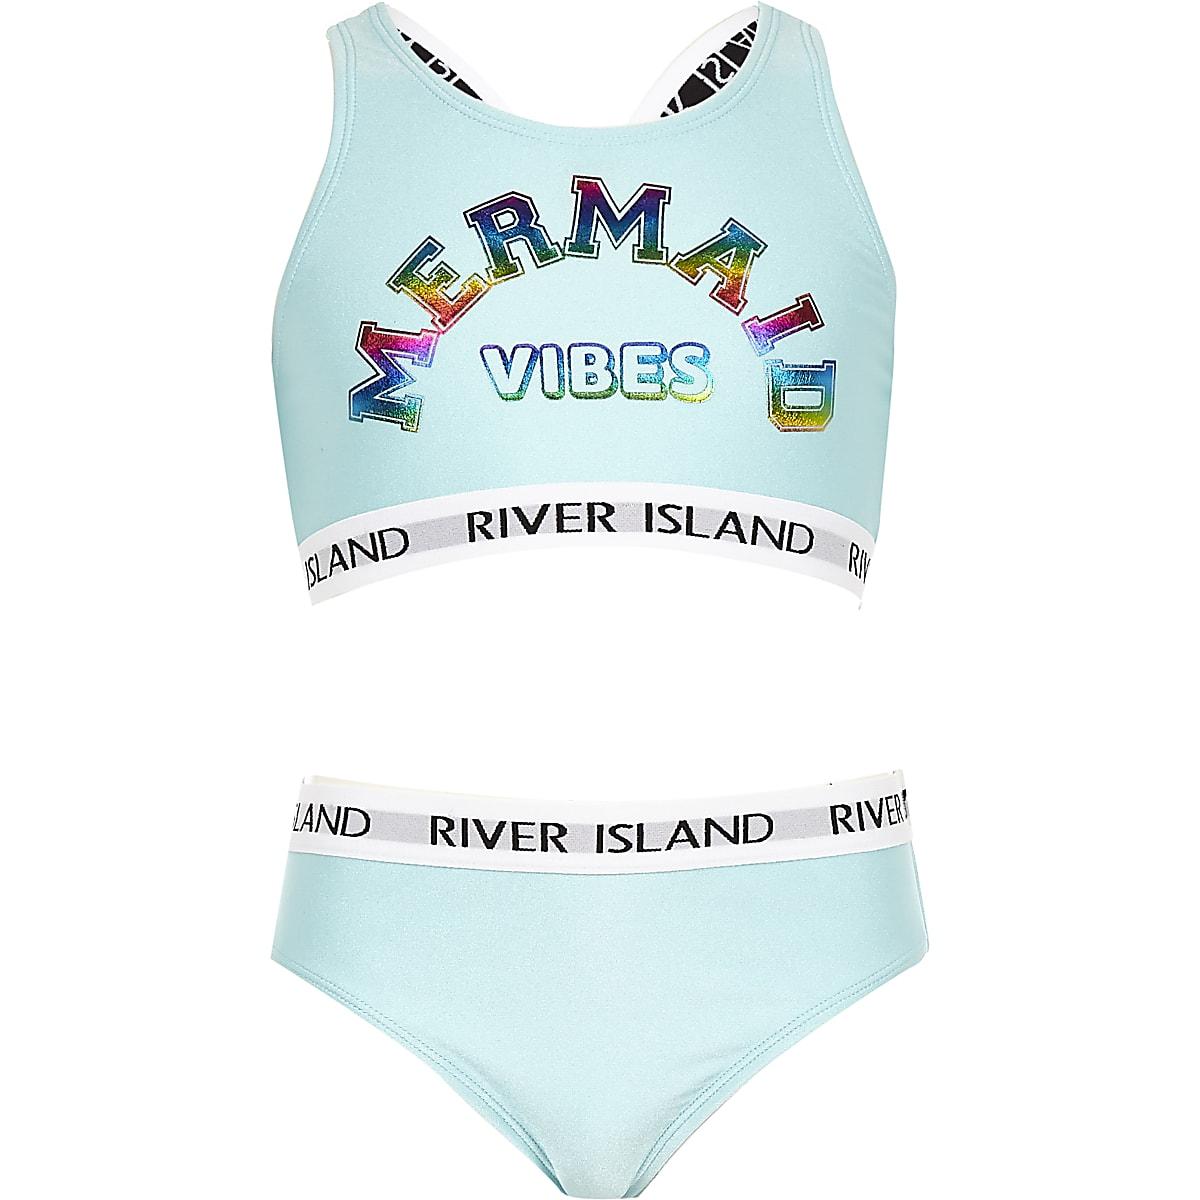 RI - Blauwe cropped bikiniset met 'Mermaid vibes' voor meisjes